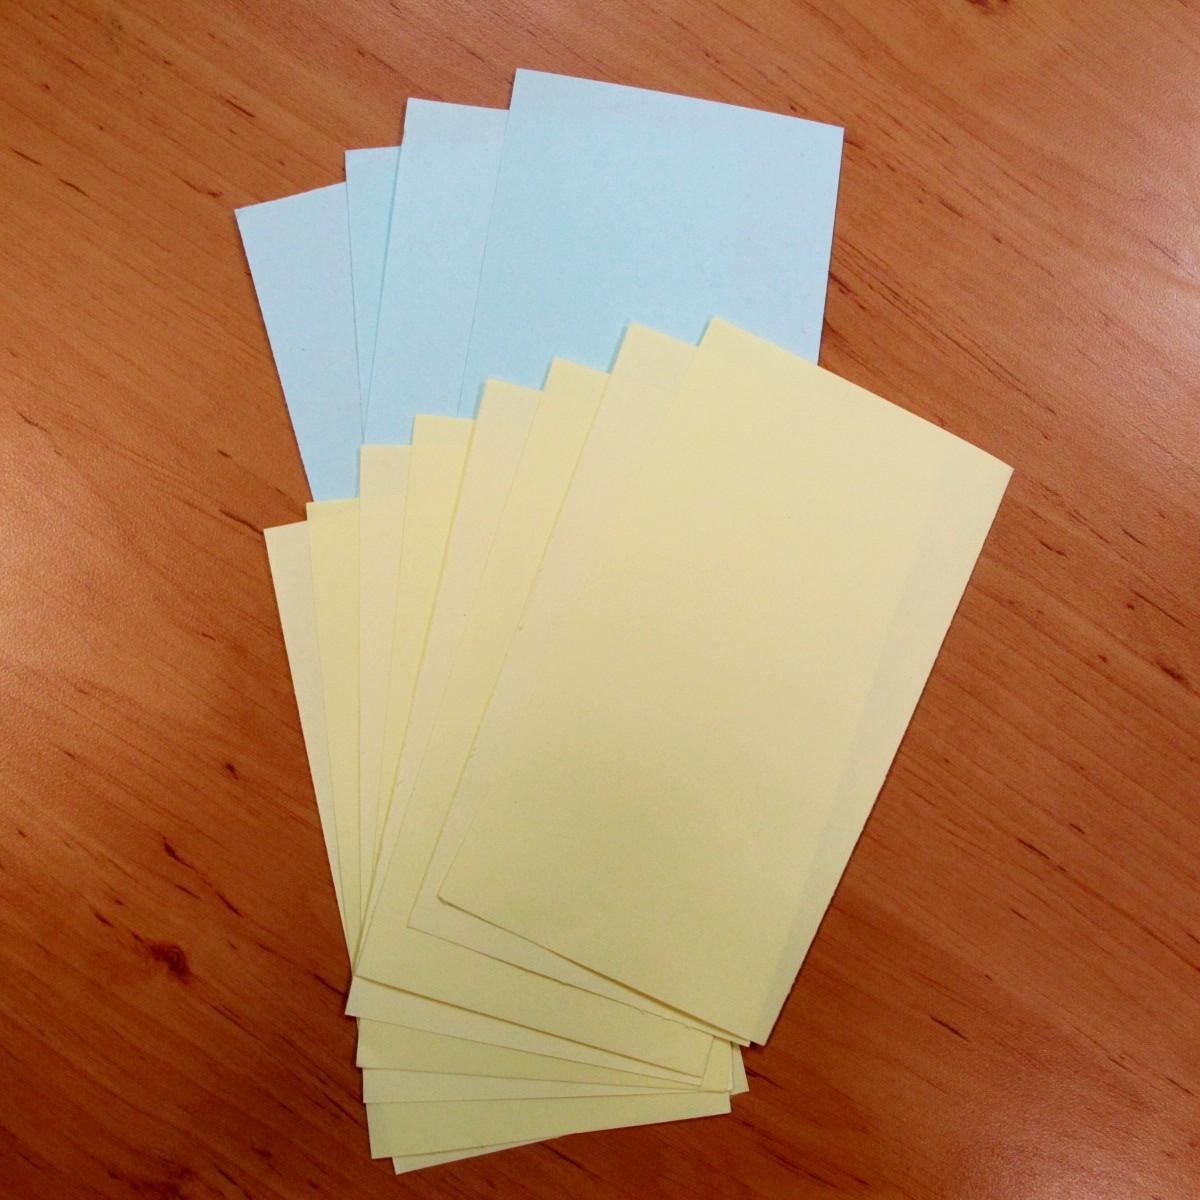 วิธีการพับกระดาษเป็นดอกบัวแบบแยกประกอบส่วน 001